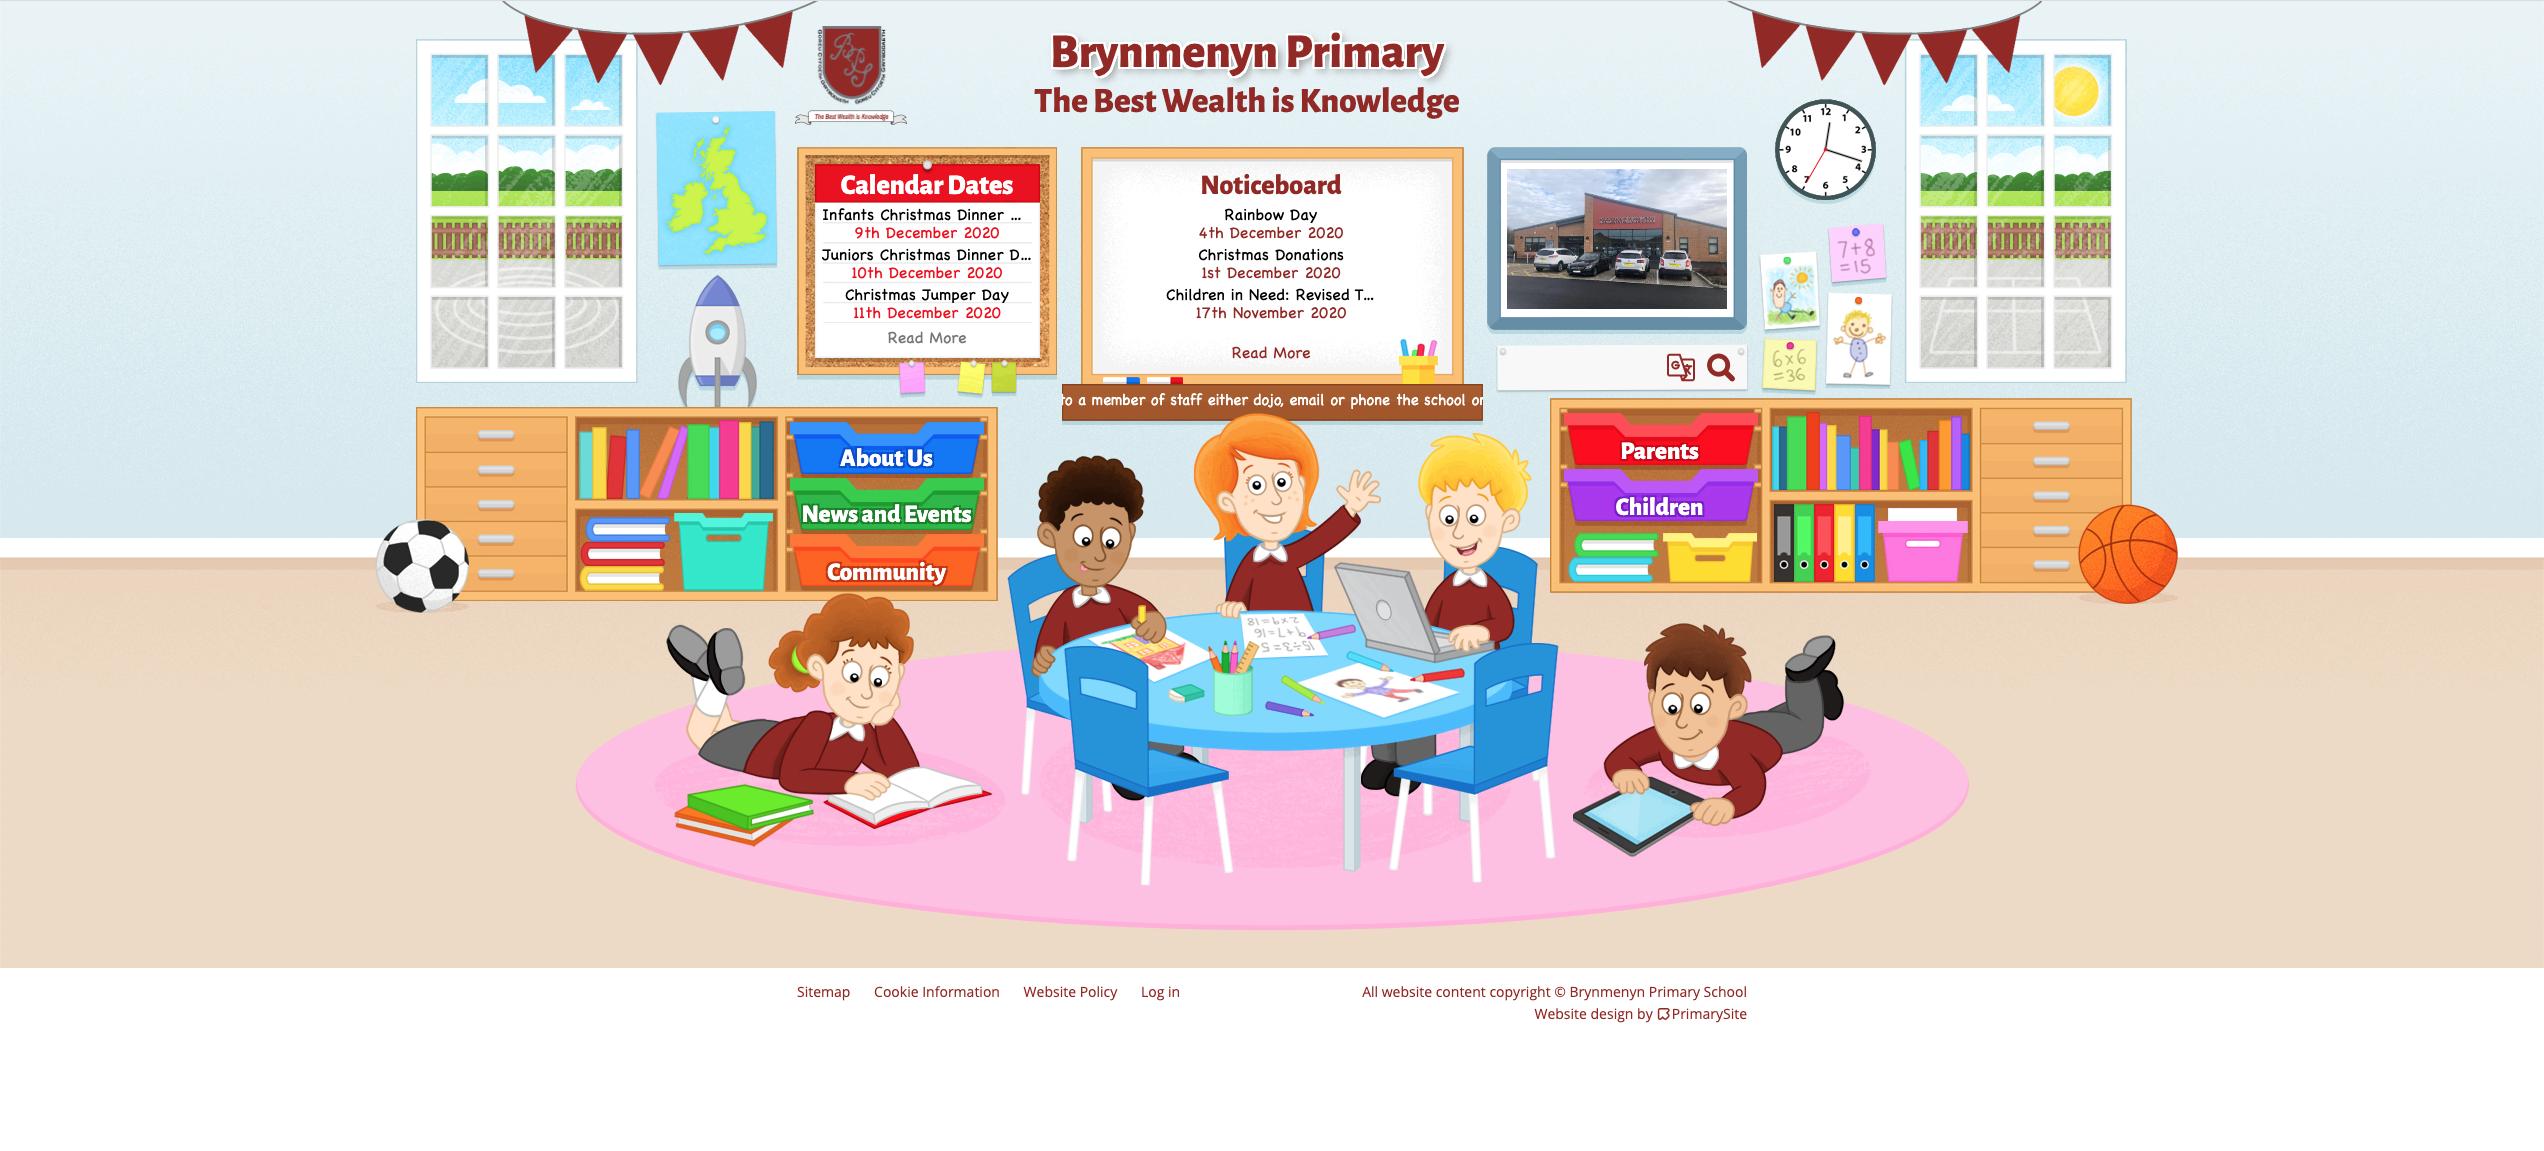 Brynmenyn Primary School